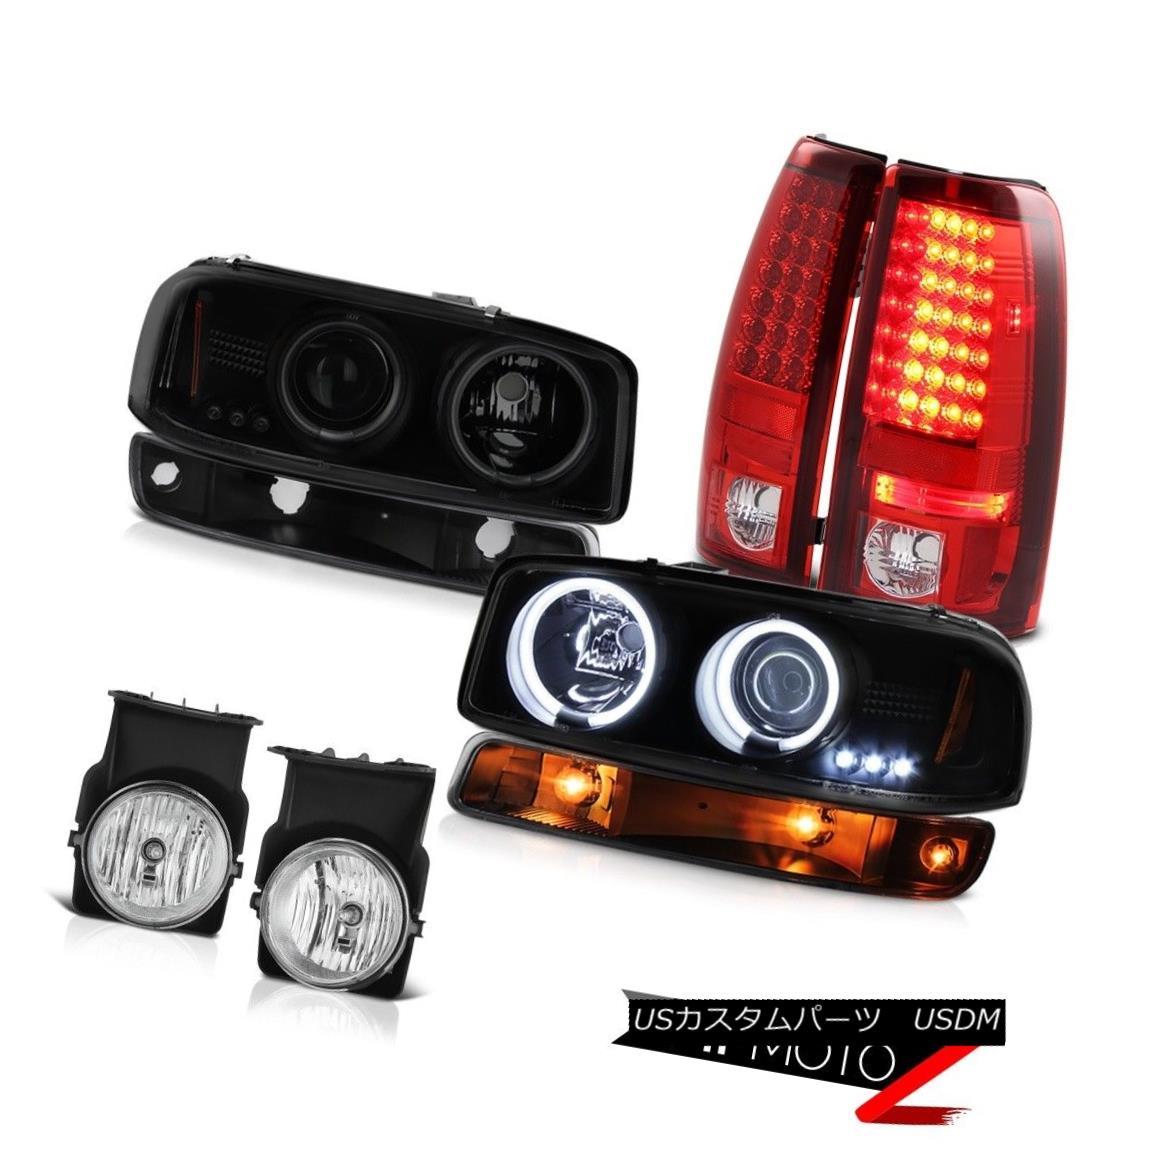 テールライト 2003-2006 Sierra 3500HD Fog lights red led tail bumper lamp projector Headlamps 2003-2006シエラ3500HDフォグライトレッドテールバンパーランププロジェクターヘッドライト